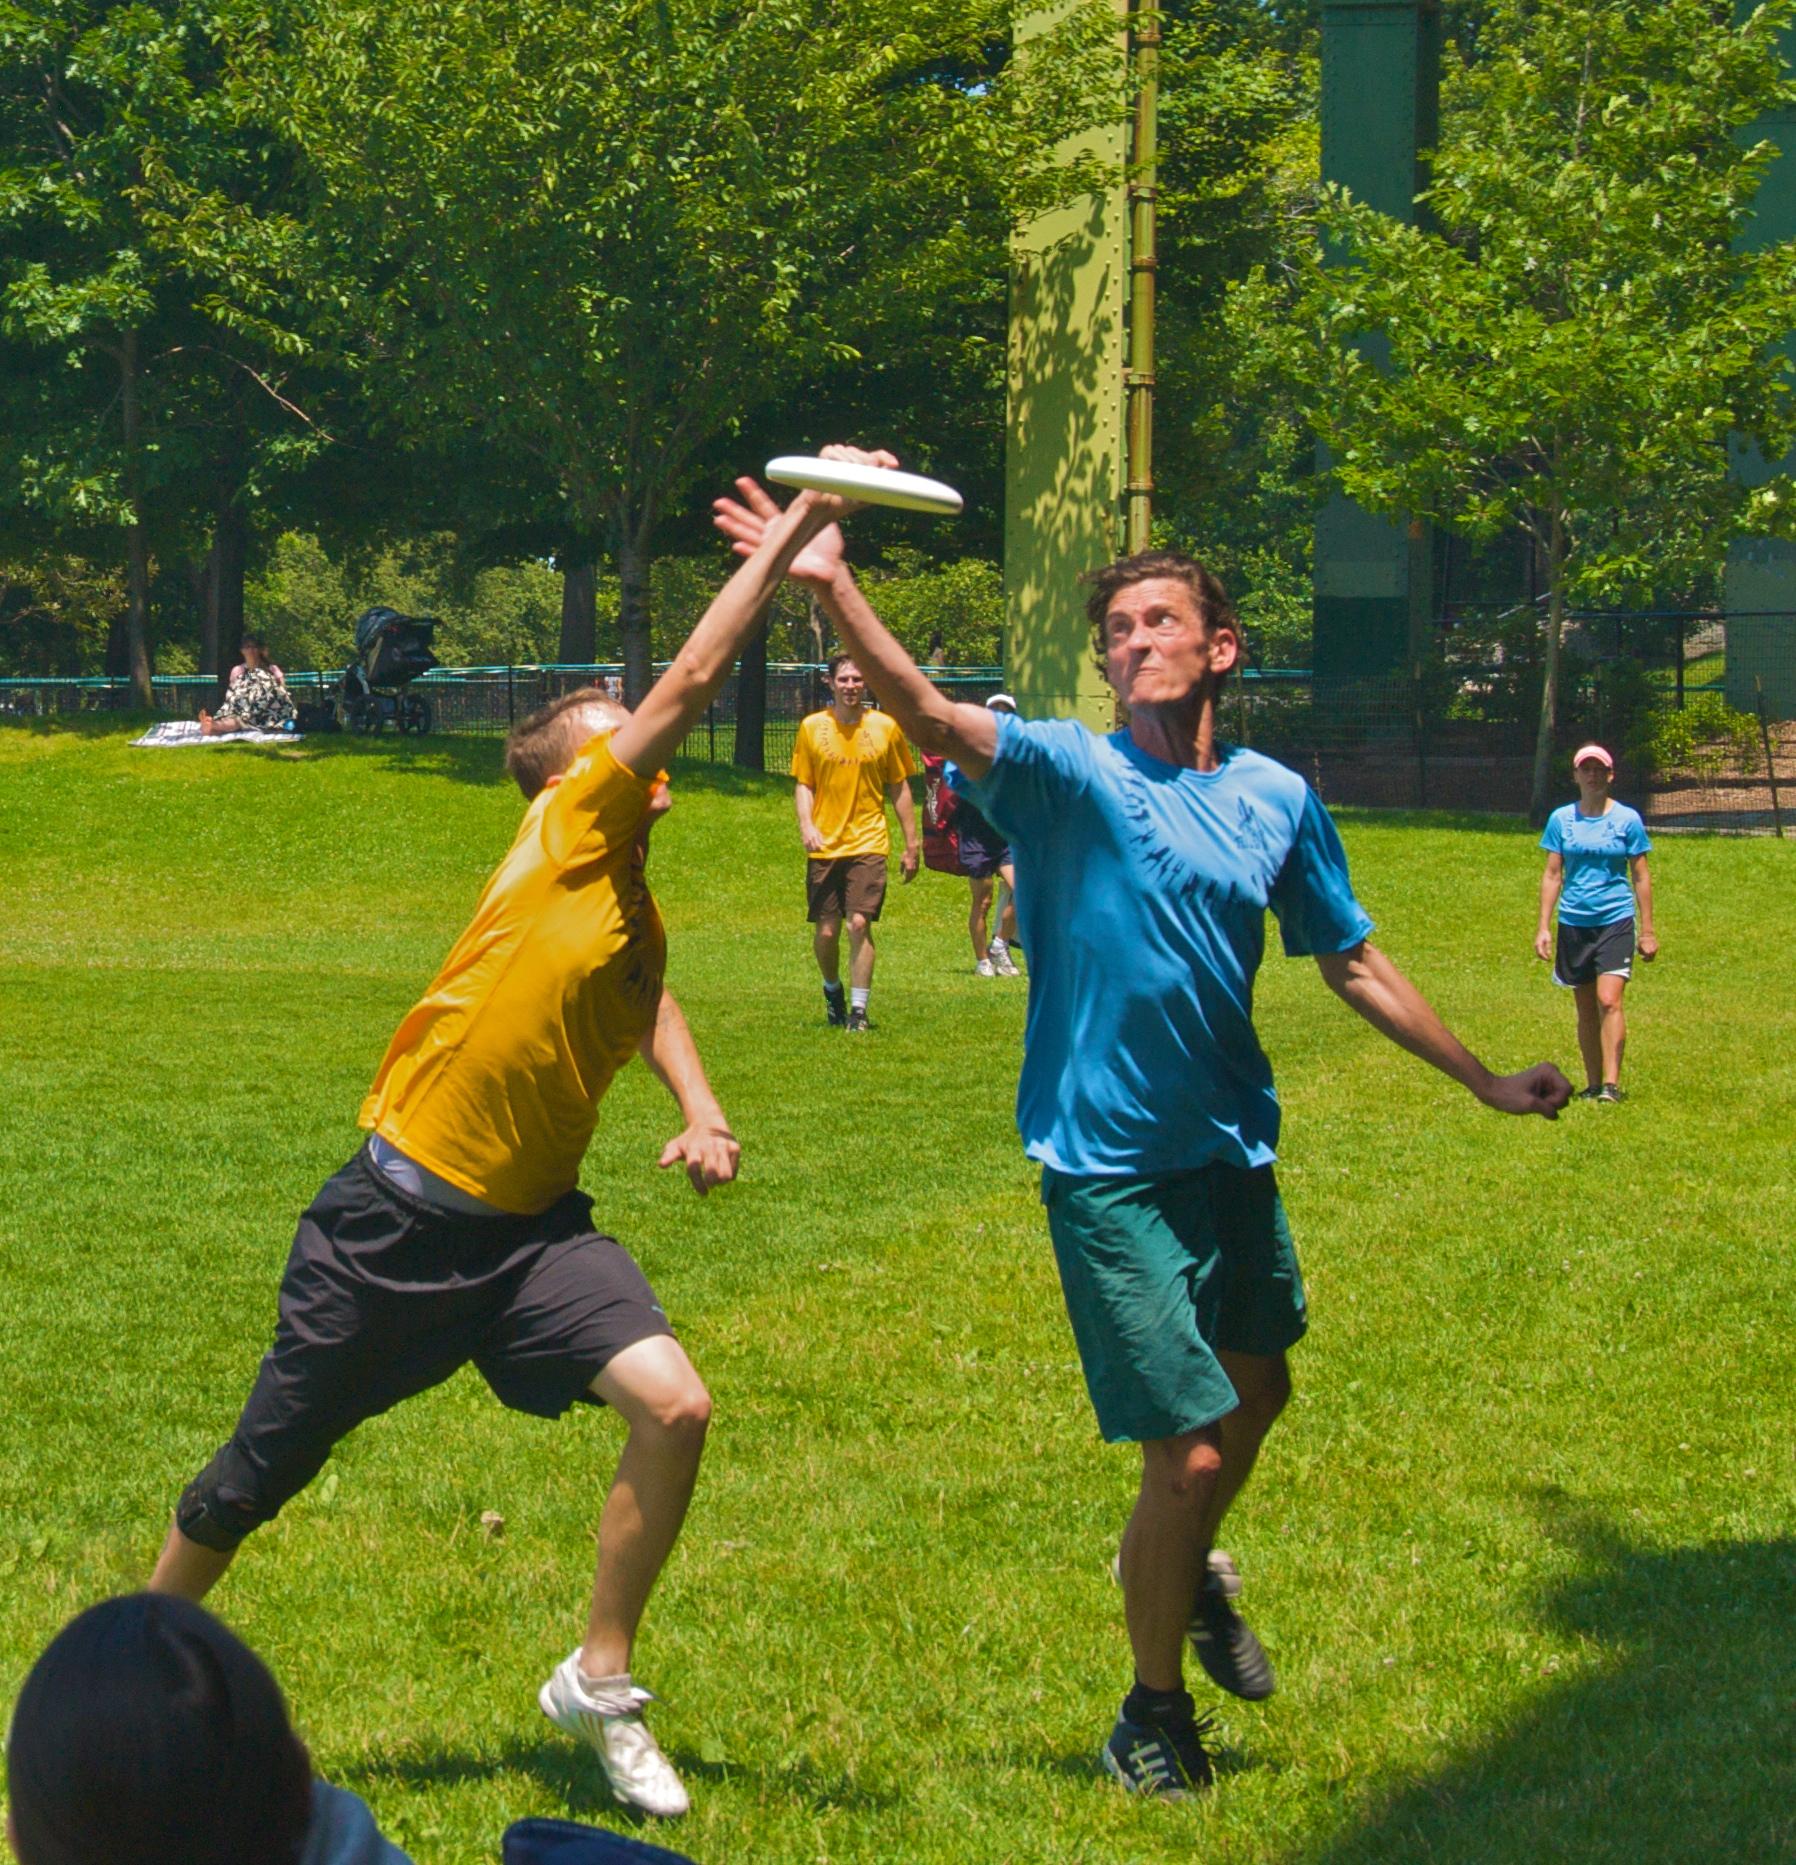 File:Ultimate frisbee, Jul 2009 - 27.jpg - Wikimedia Commons